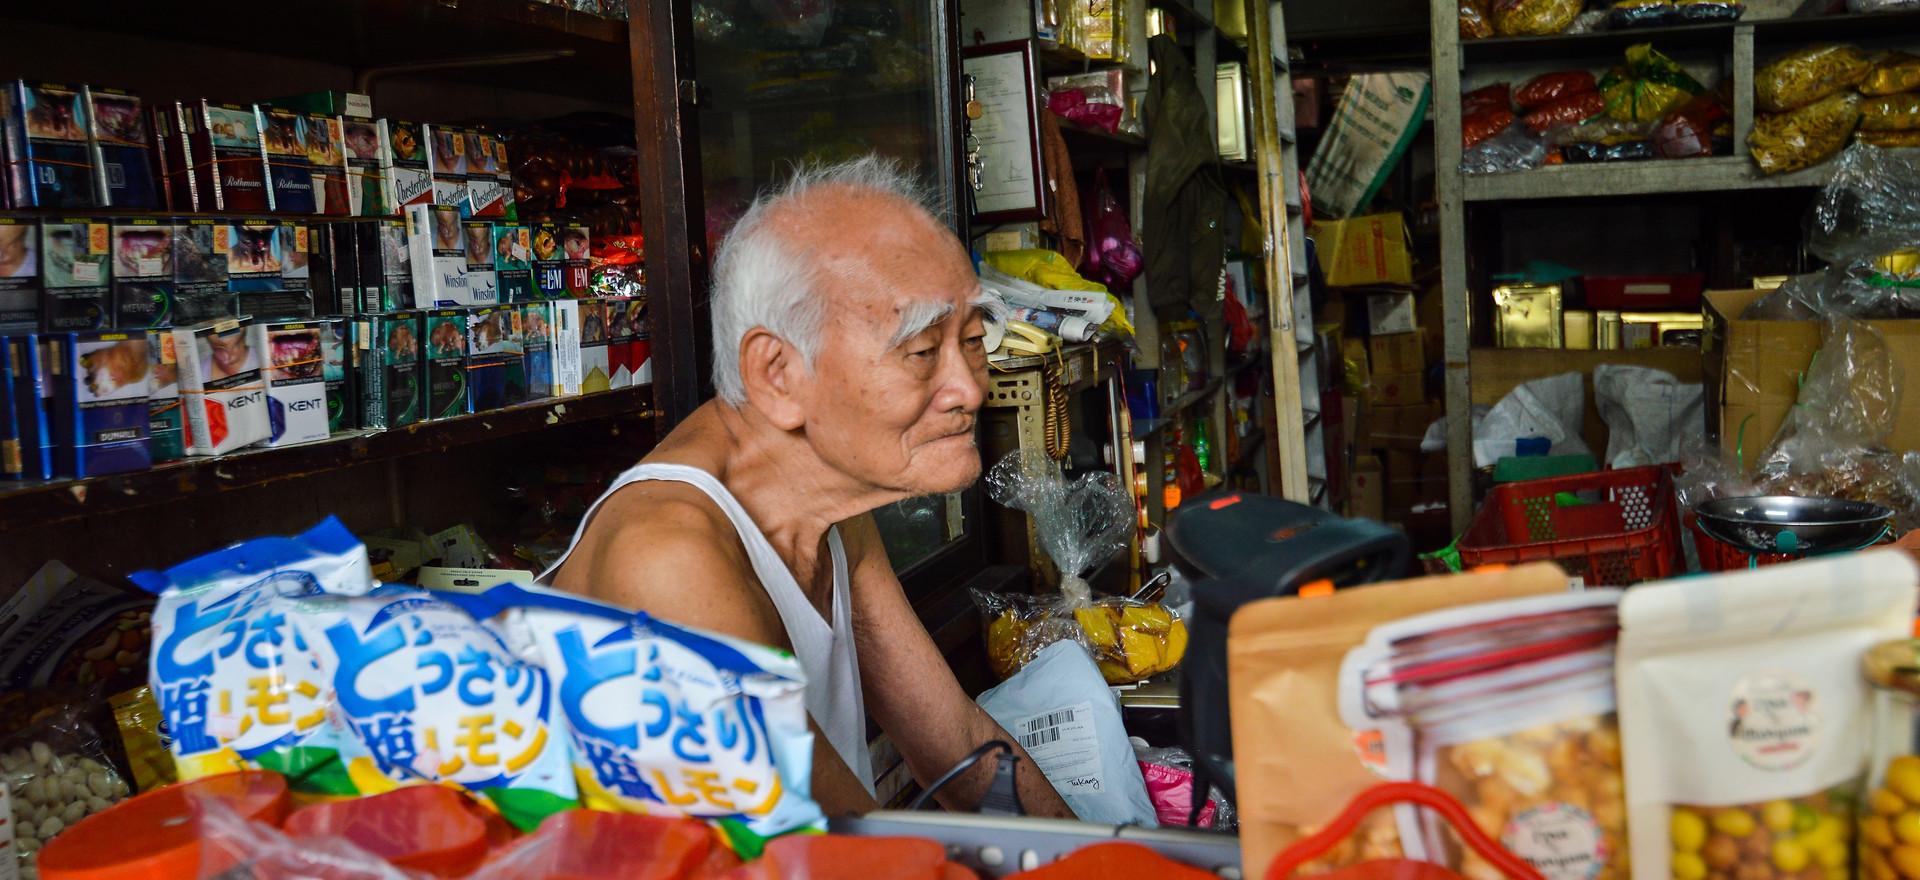 加影社区传统杂货店